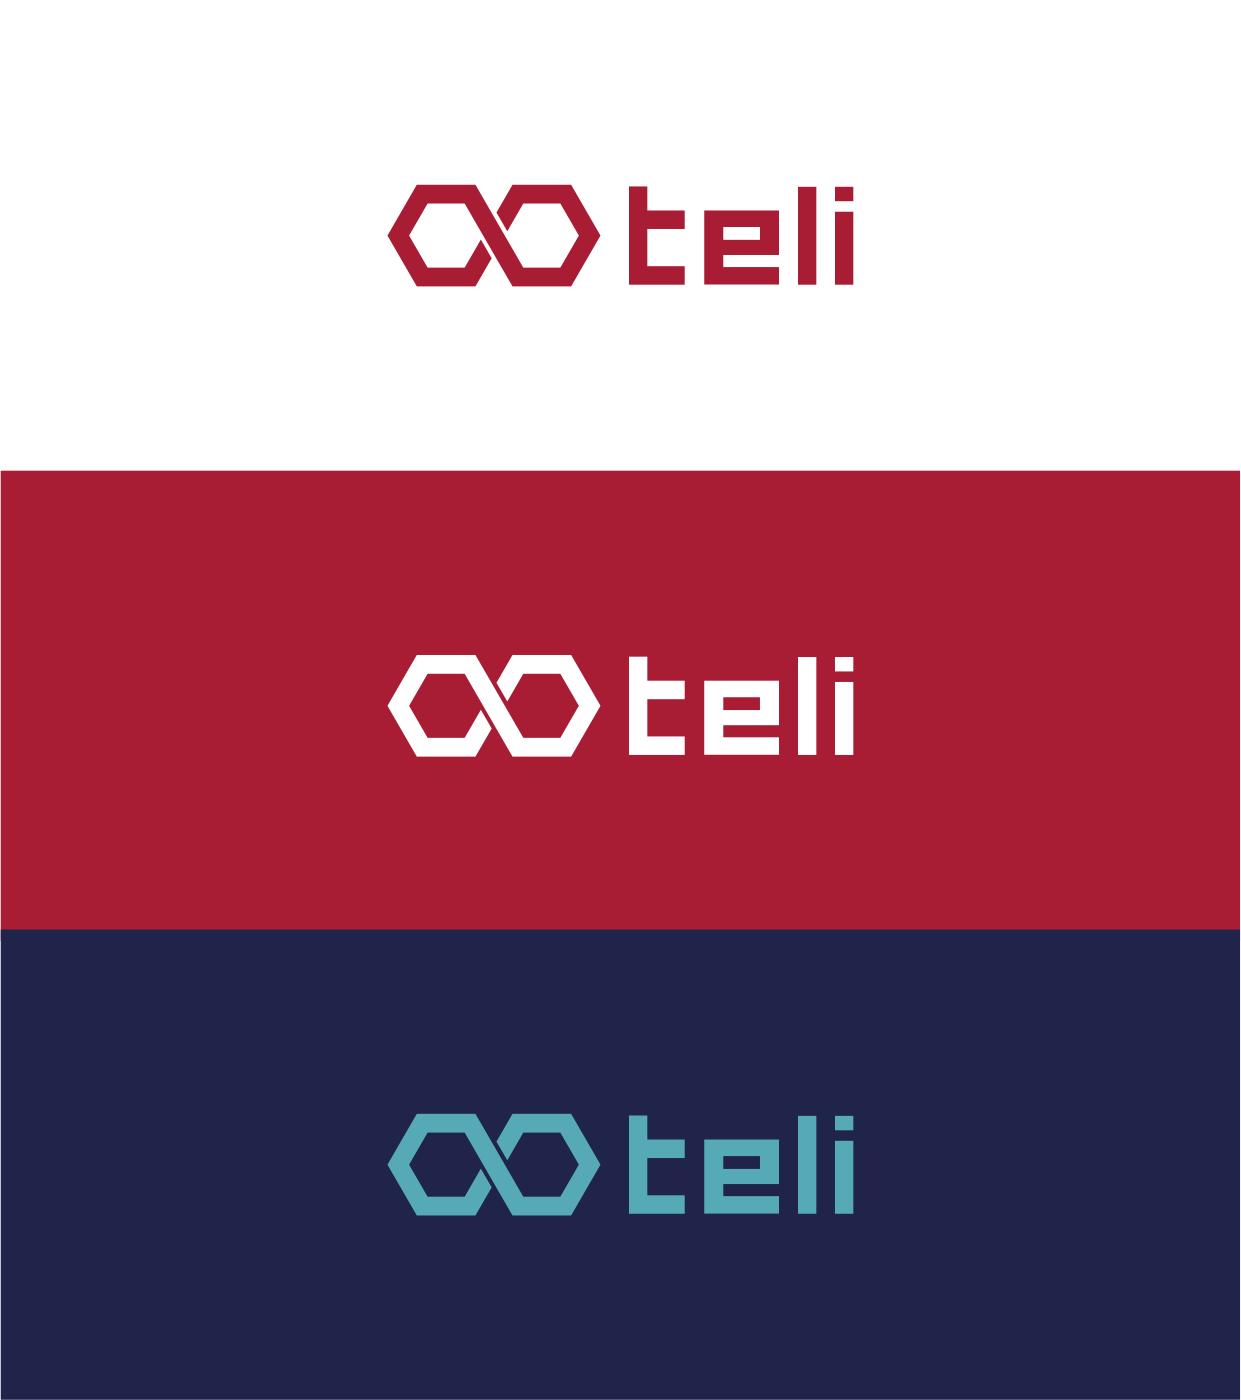 Разработка логотипа и фирменного стиля фото f_49658fc60d48ecfa.png